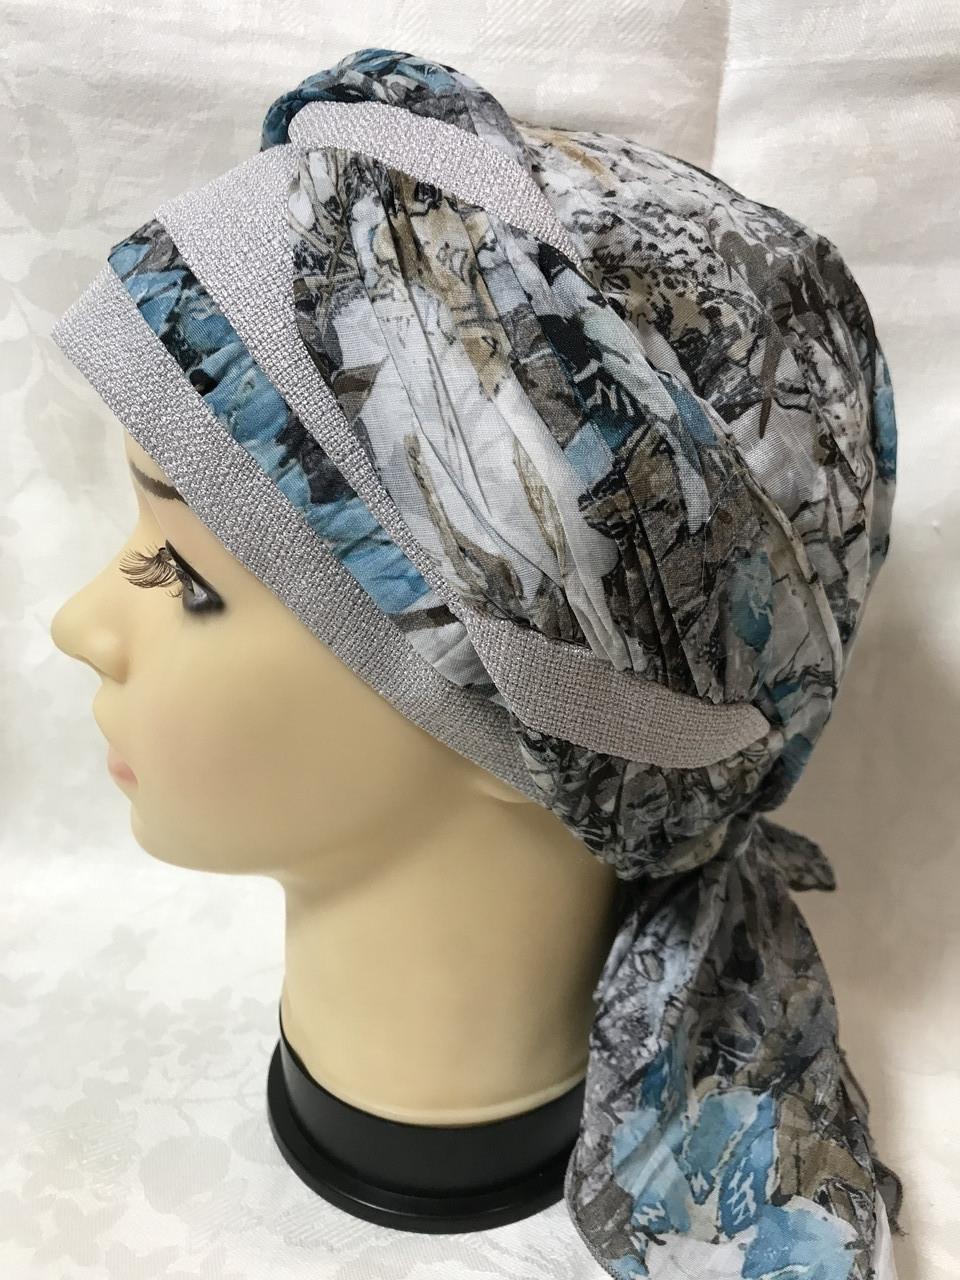 Летняя бандана-шапка-косынка хлопковая с объёмной драпировкой с серым кантом